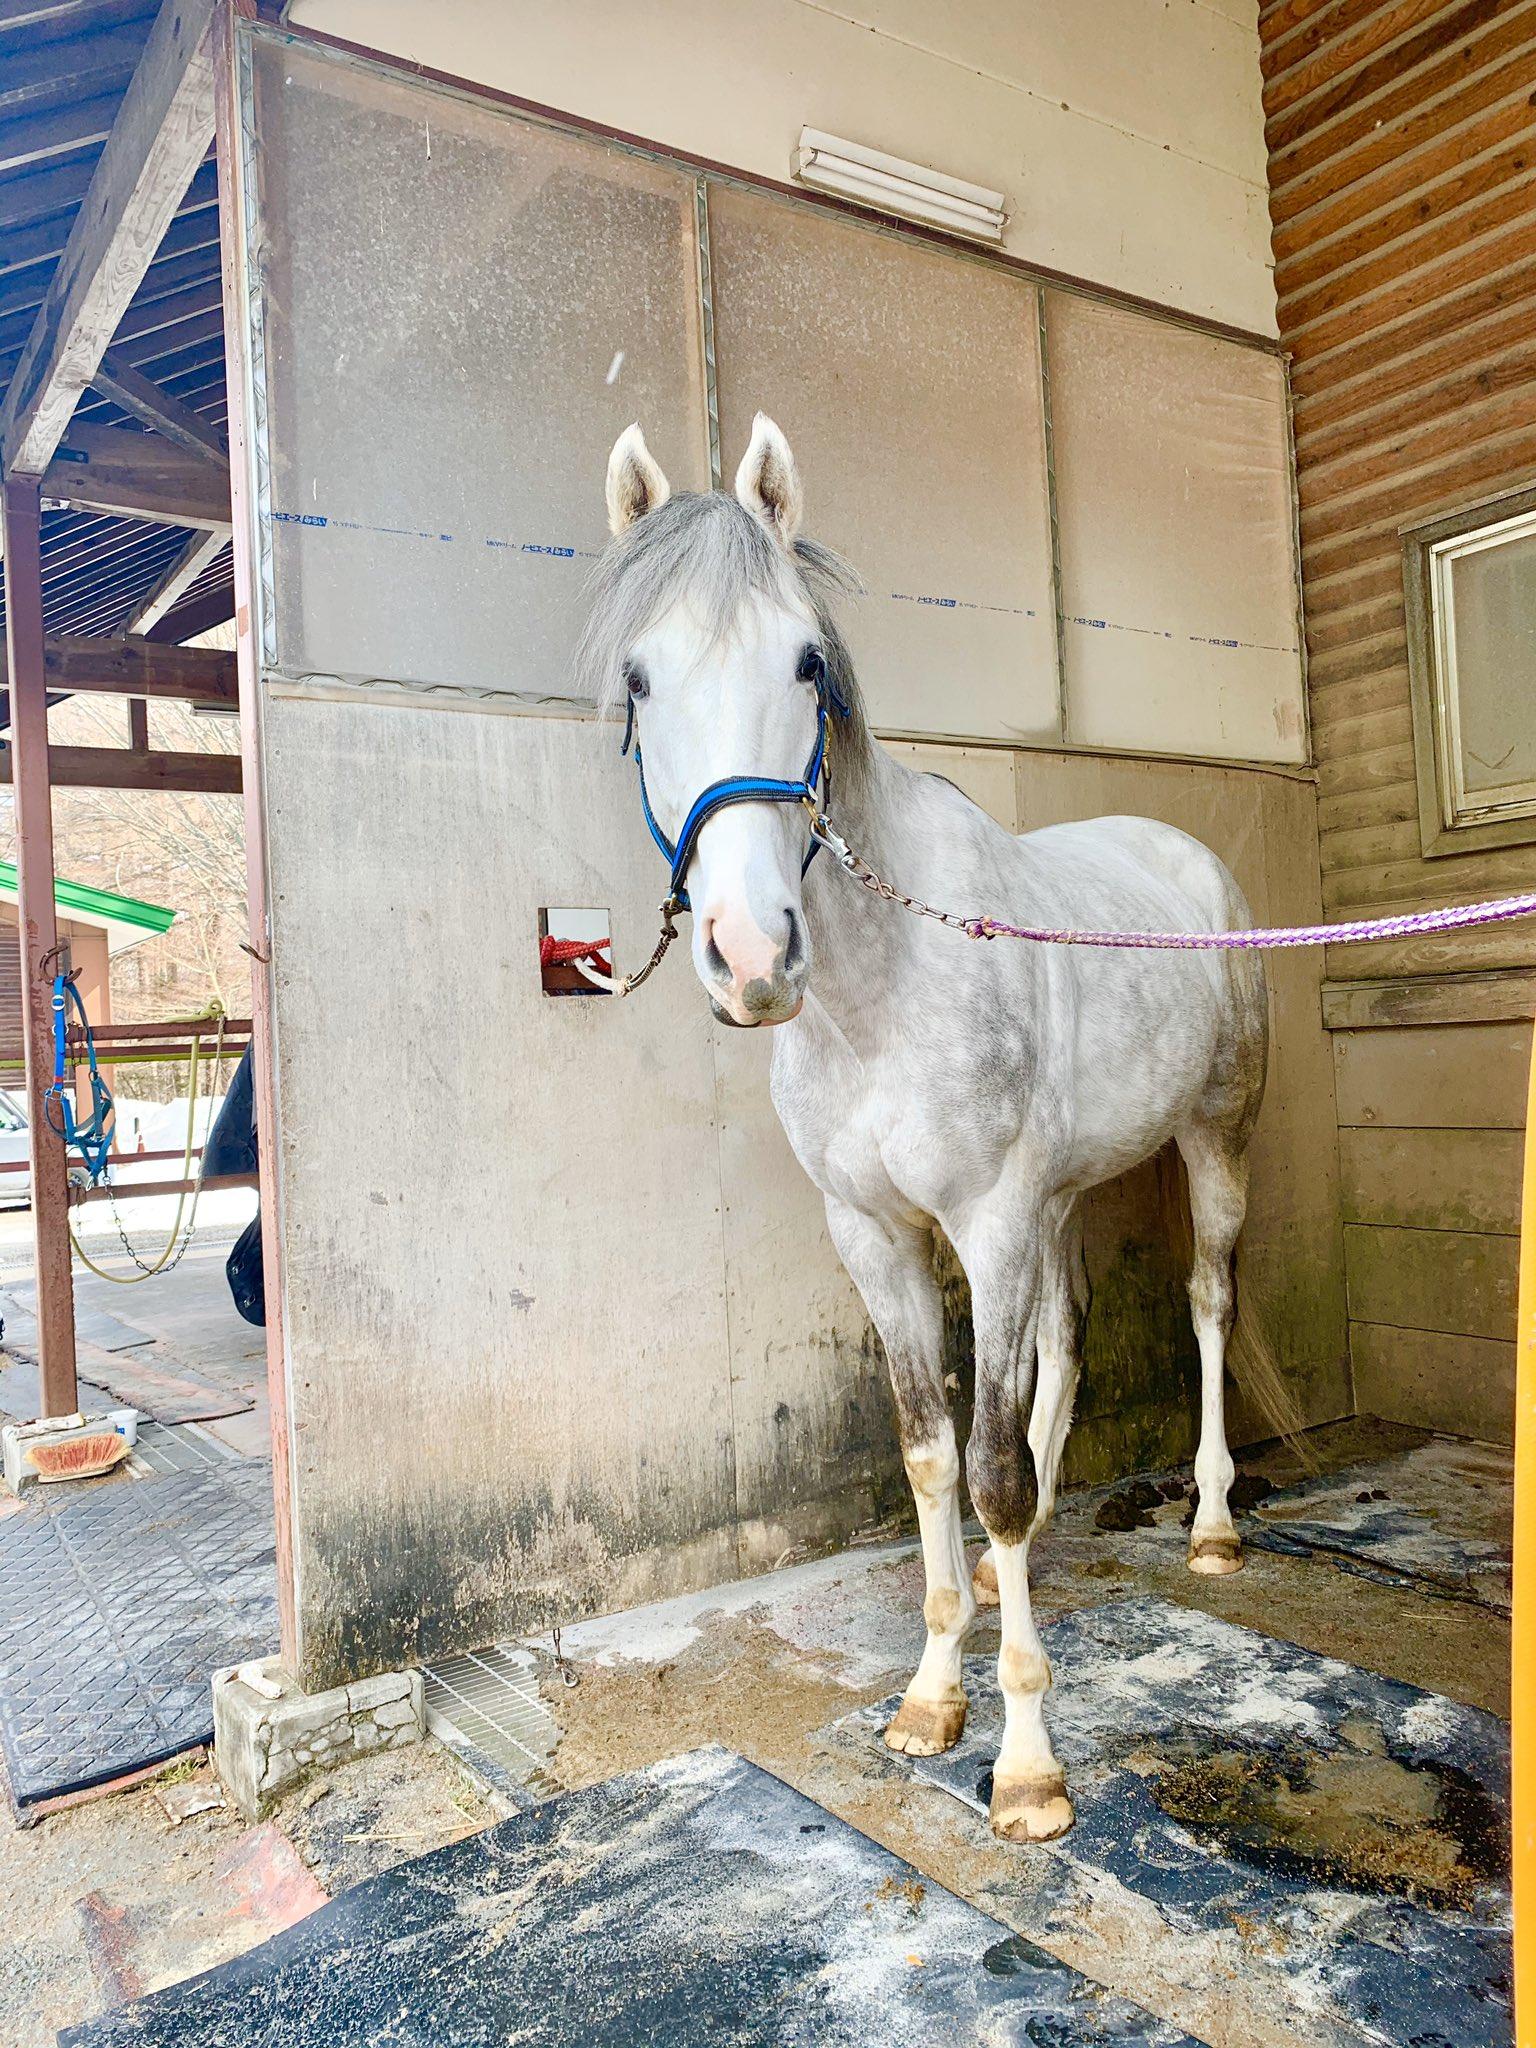 新しい引退馬支援を目指したい。『馬と歴史と未来の会』のサポーターズ制度とは?